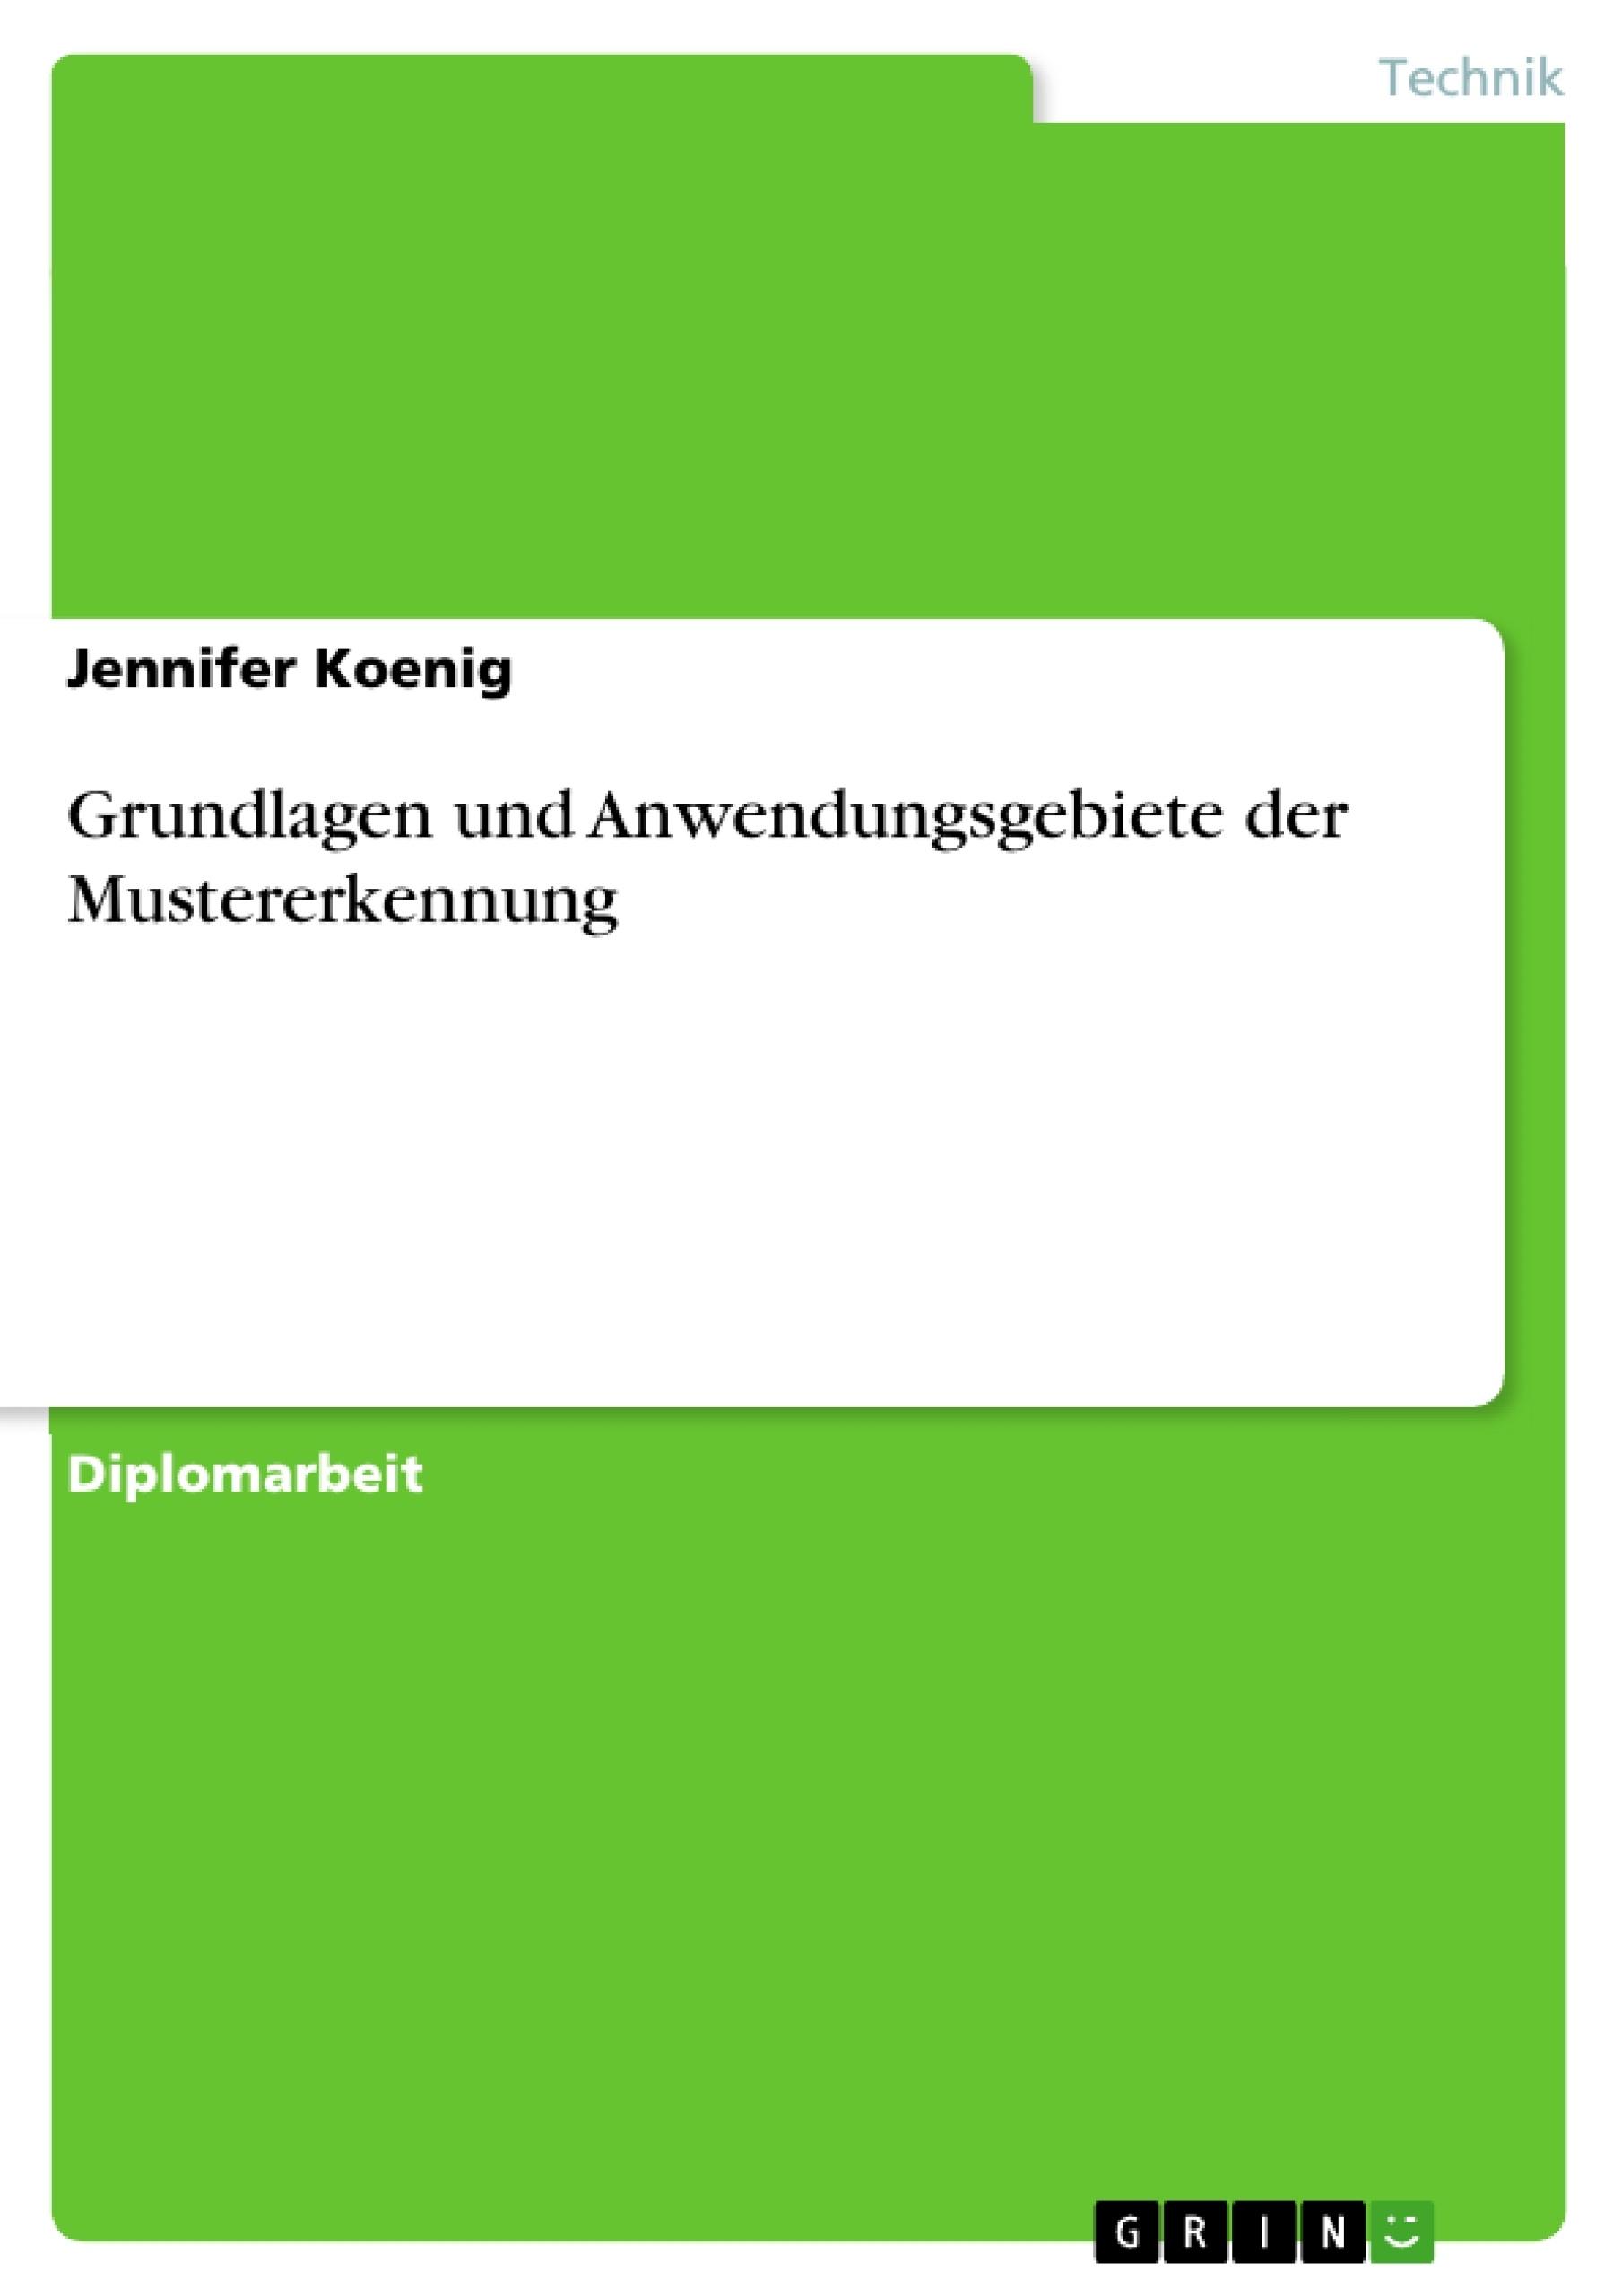 Titel: Grundlagen und Anwendungsgebiete der Mustererkennung